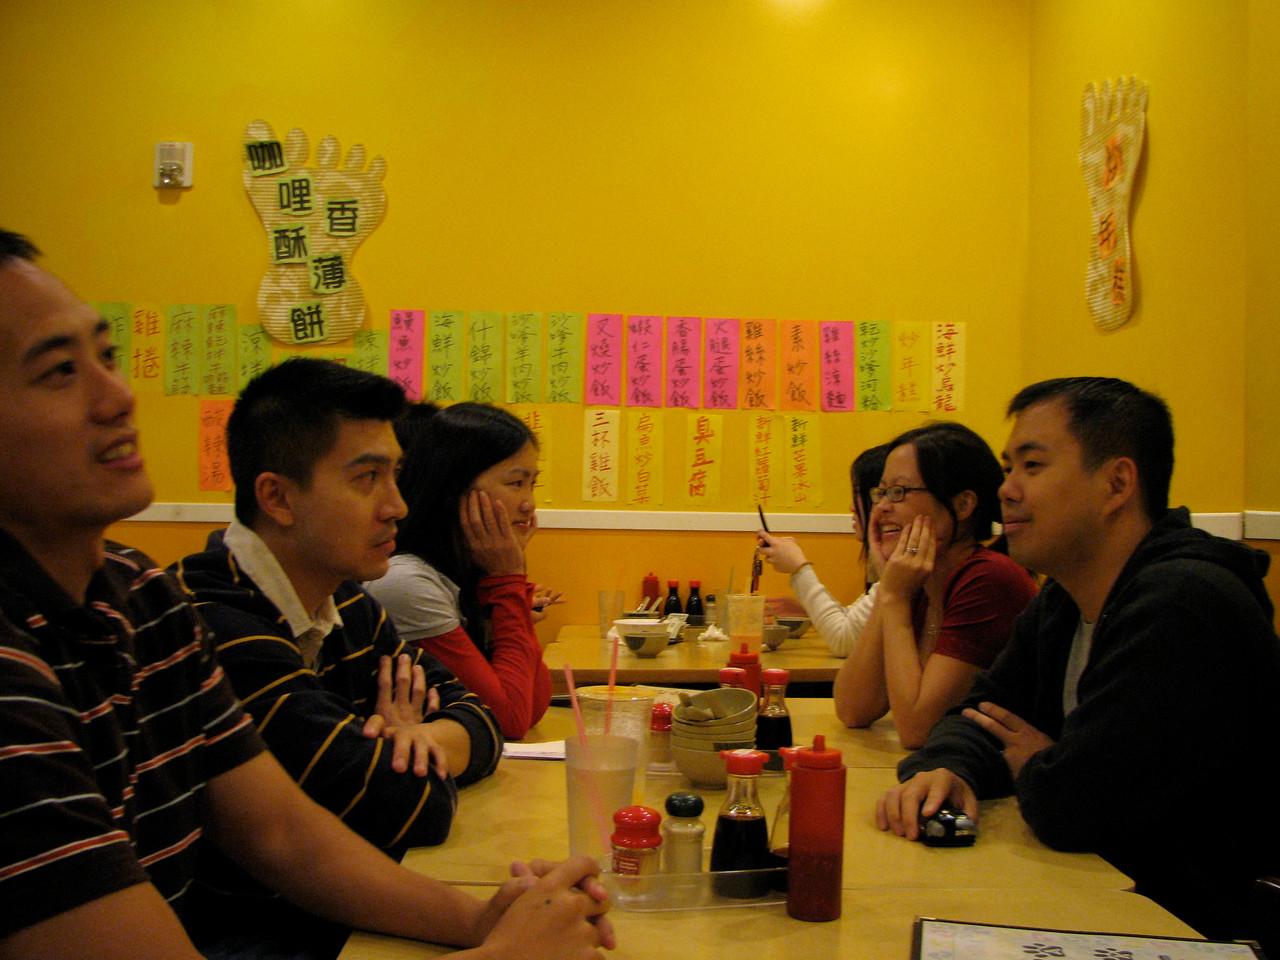 2006 10 29 Sun - Jimmy Chen, Yu-Tsun Cheng, Bernice Chen, and Cathy & Harry Huang 1